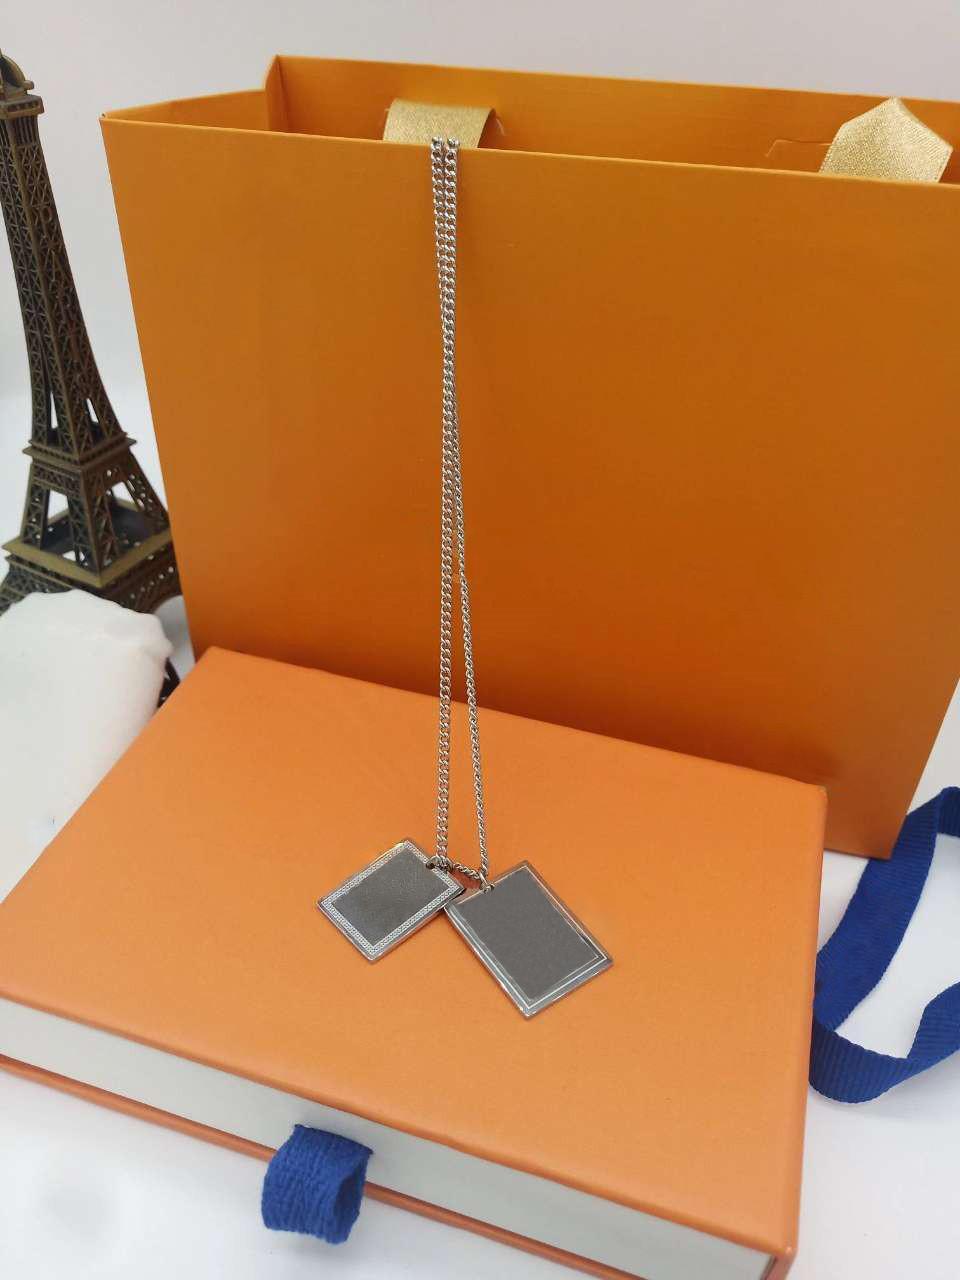 مصمم قلادة القلائد قلادة أزياء للرجل امرأة القلائد مصمم المجوهرات قلادة عالية الجودة